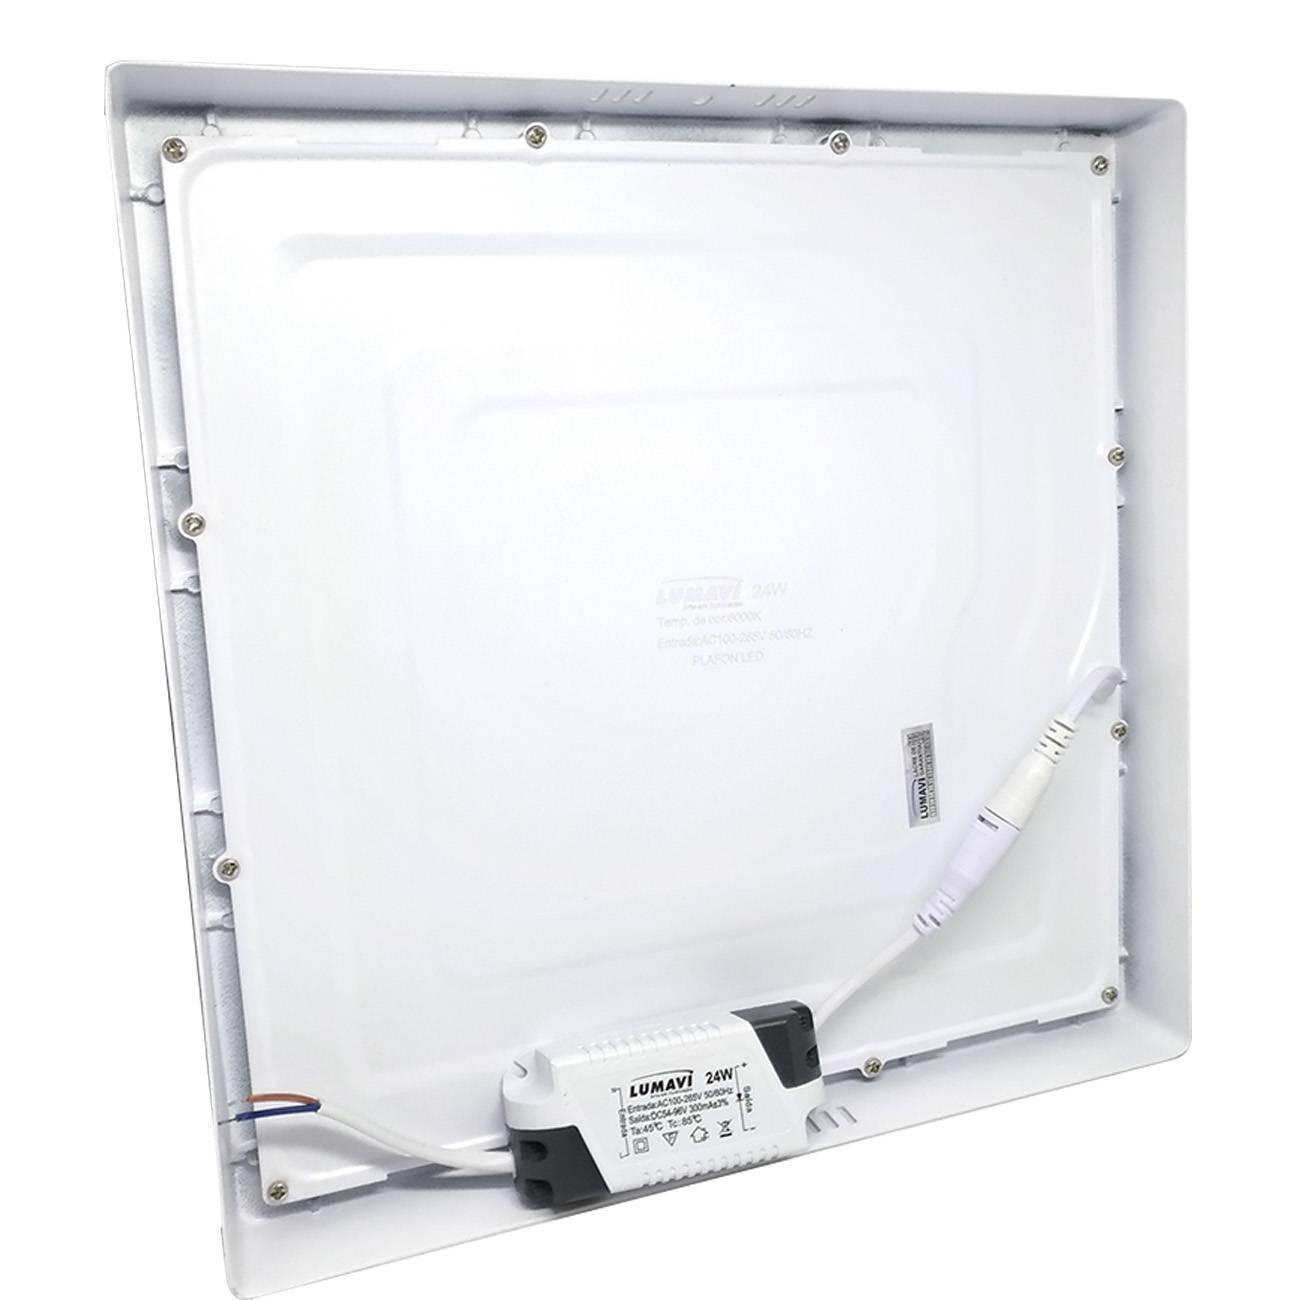 Kit 3 Luminária Painel Plafon Led Quadrado Sobrepor 24w 6000 - LCGELETRO